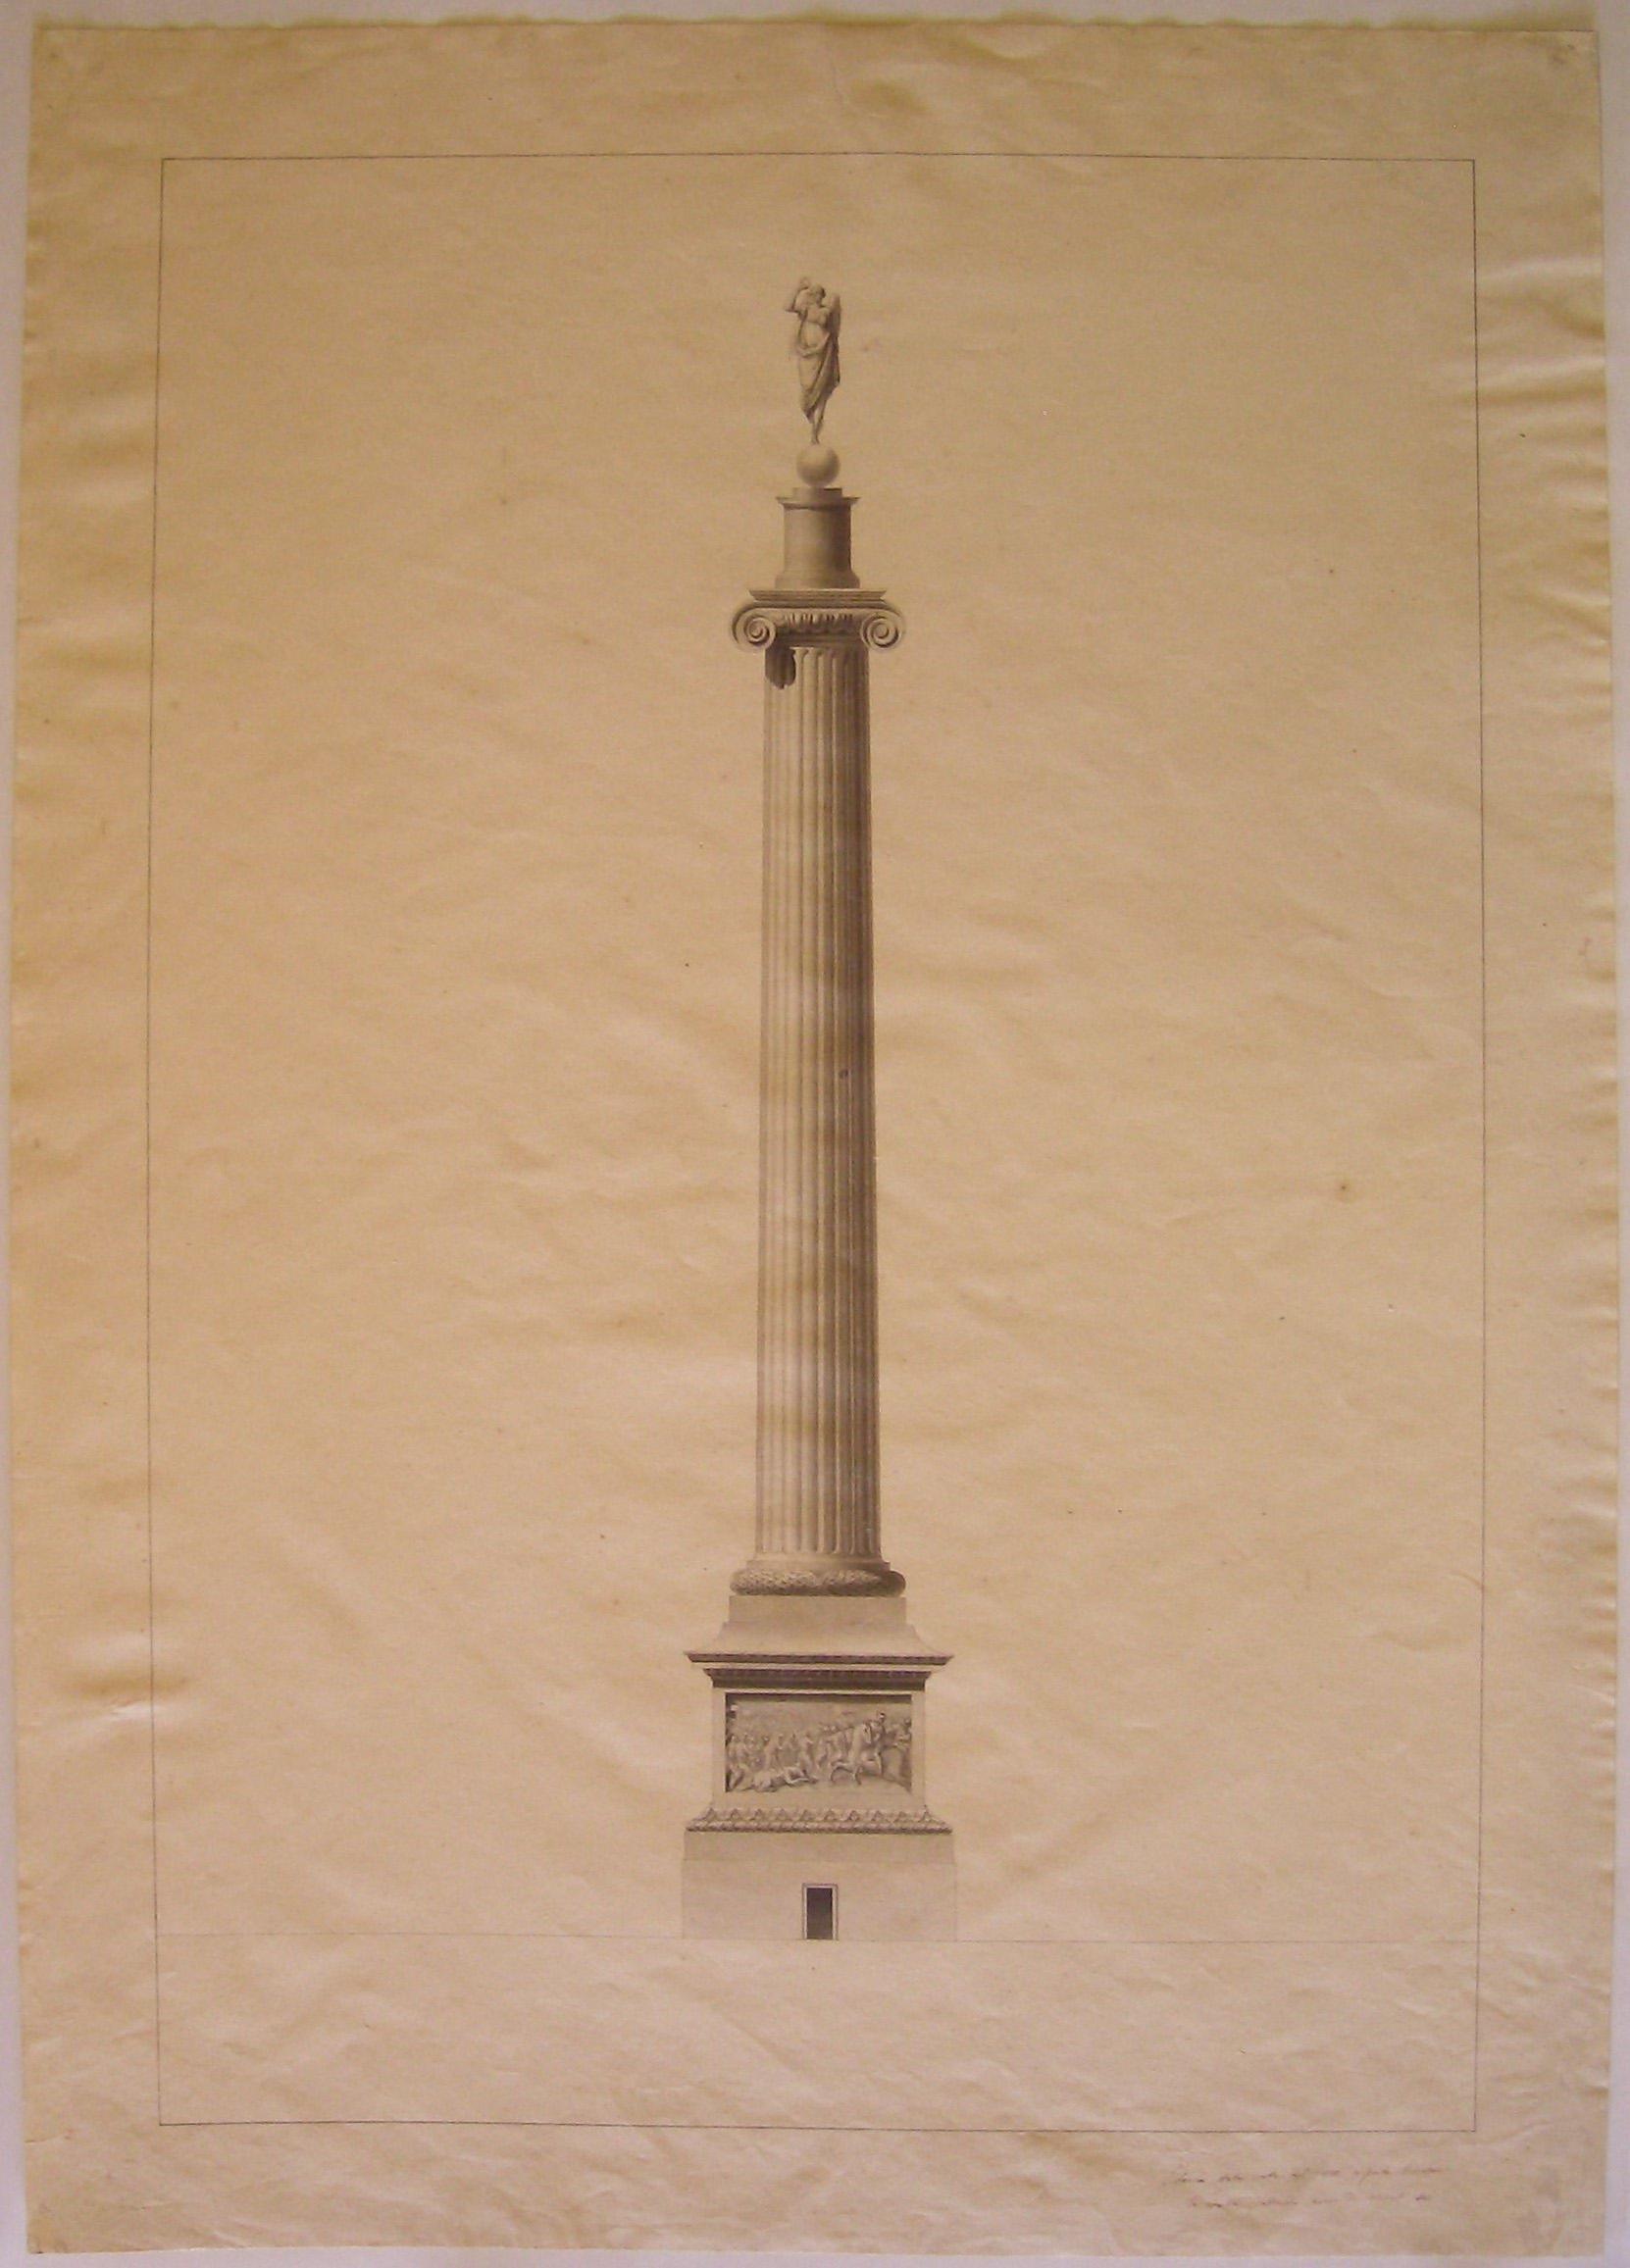 Colonna stata eretta nel 1810 a Porta Orientale - la colonna praticabile aveva (sic.) di diametro sei, progetto architettonico: colonna celebrativa ionica per la barriera di Porta Orientale a Milano (disegno architettonico) di Cagnola Luigi (sec. XIX)